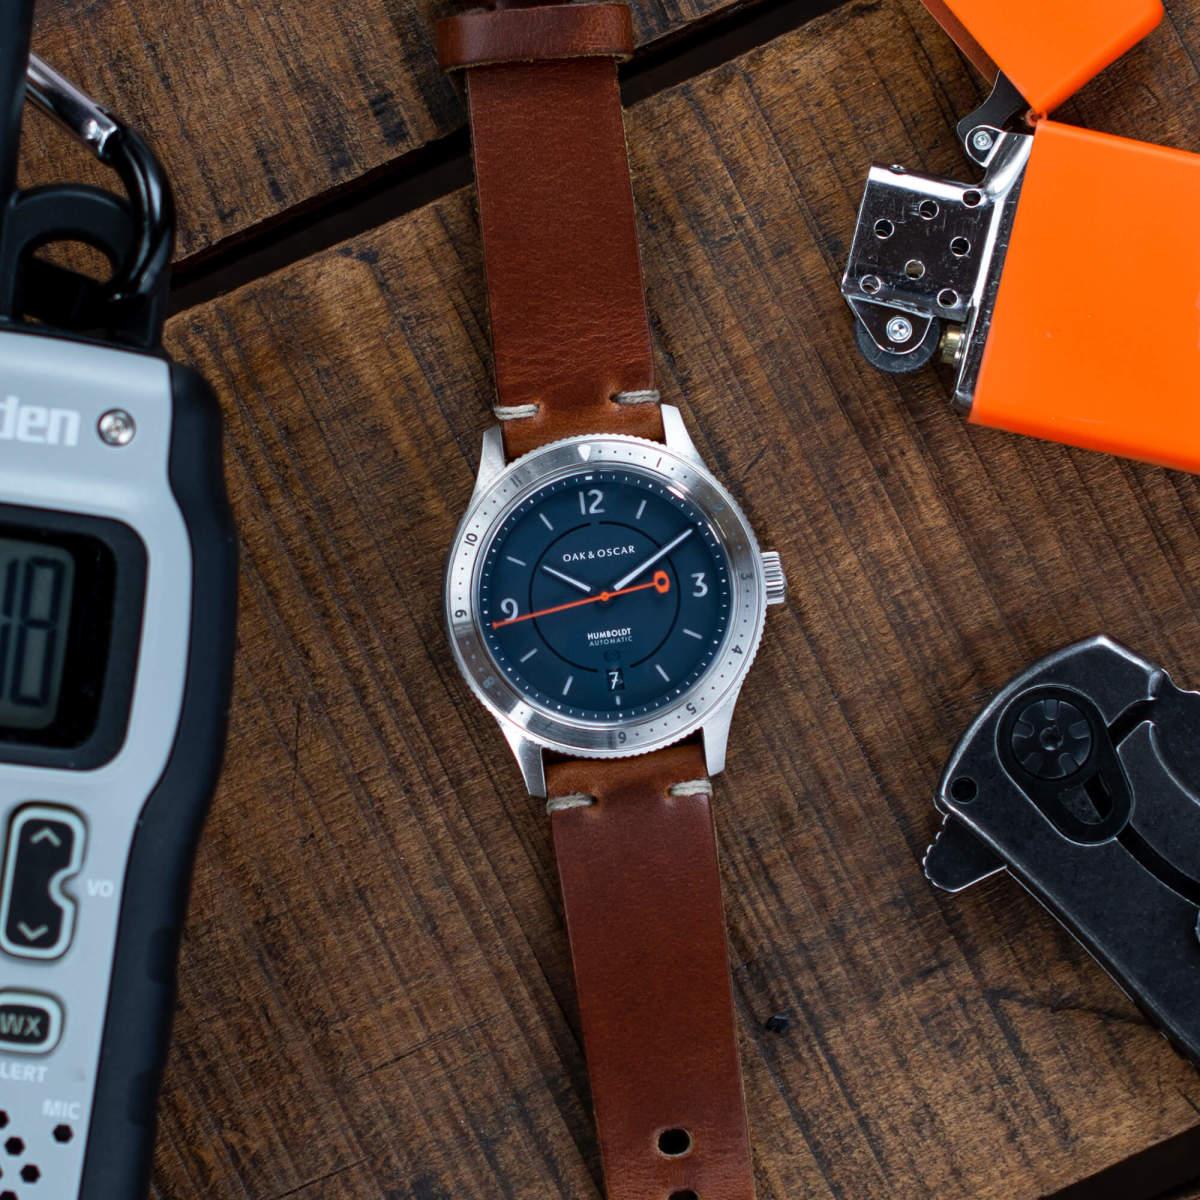 Humboldt_Navy_Leather